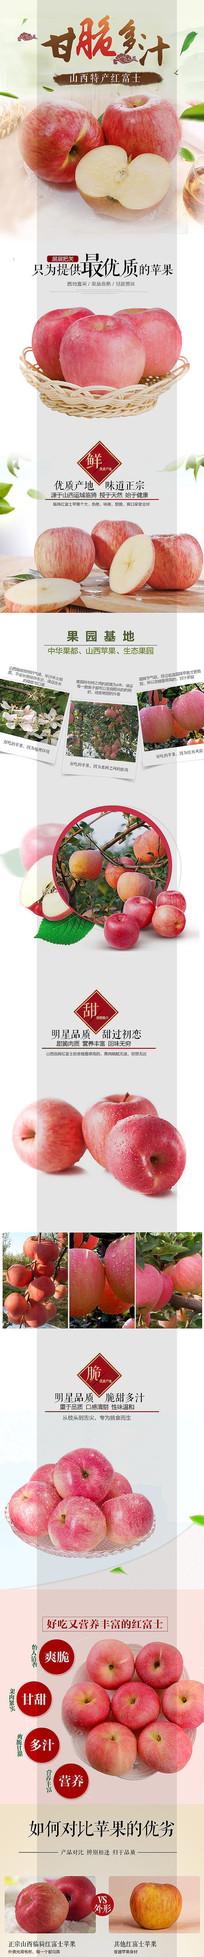 山西临猗苹果详情页